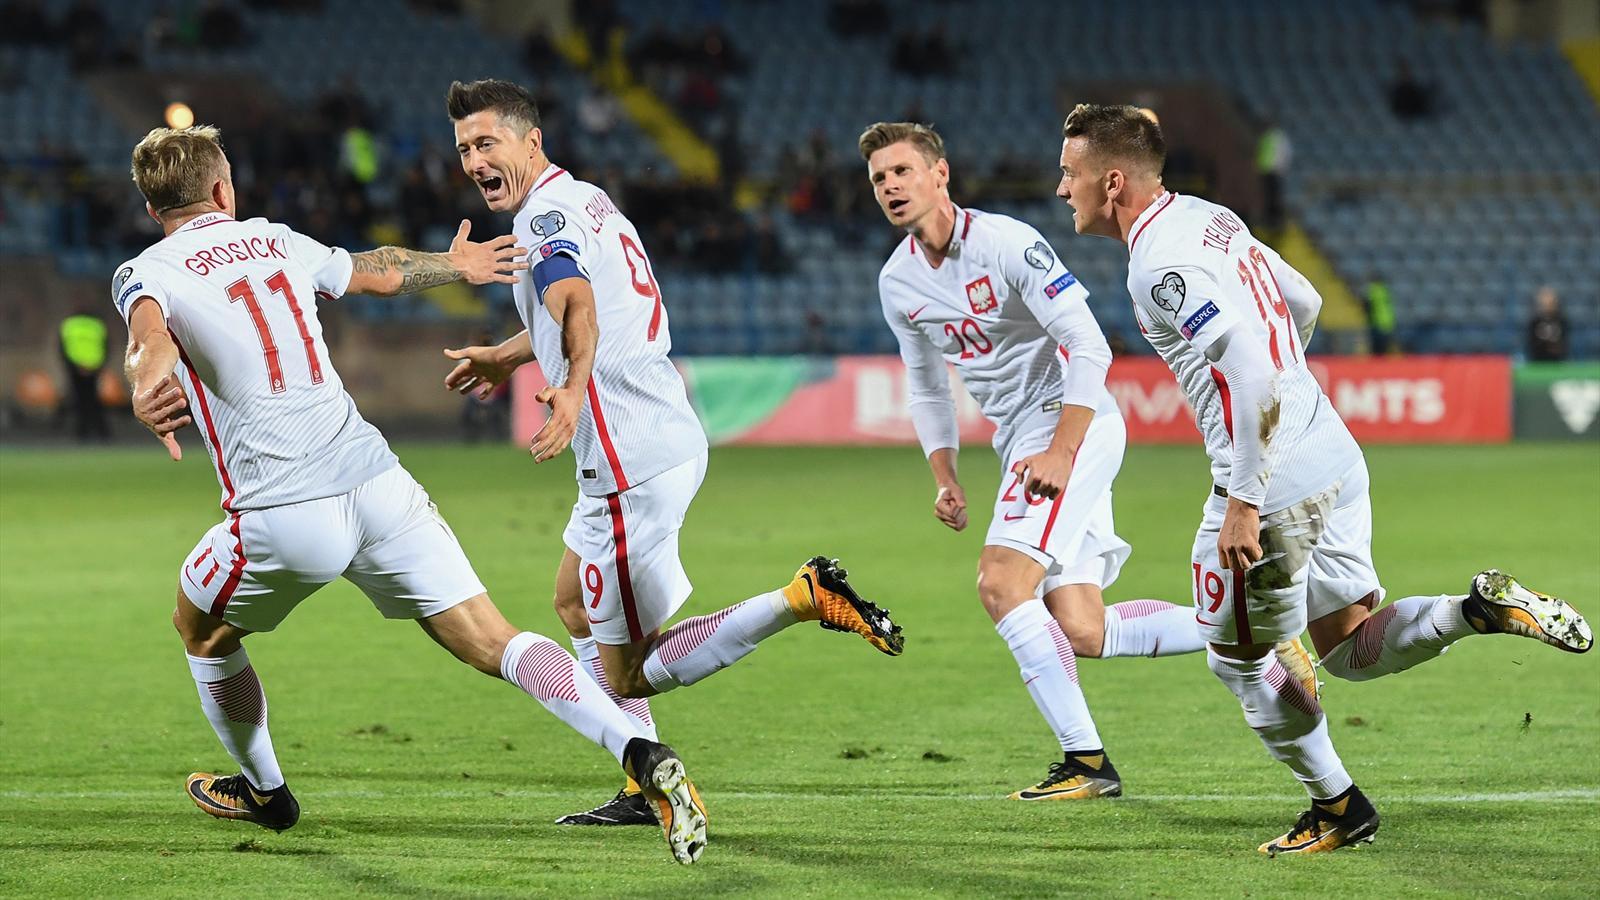 футбол сборная россии отборочные матчи чемпионата мира по футболу